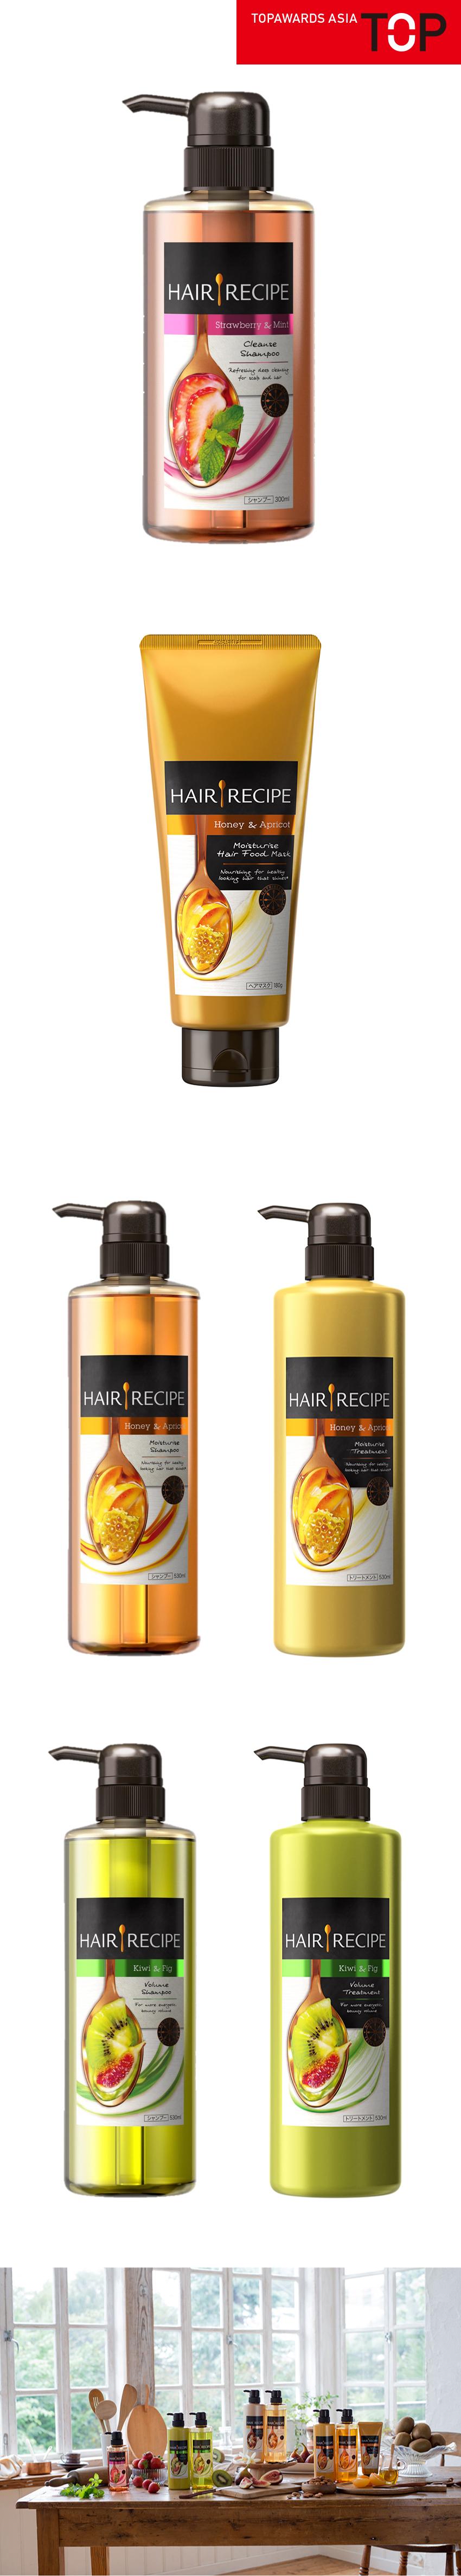 hairrecipe_2.jpg